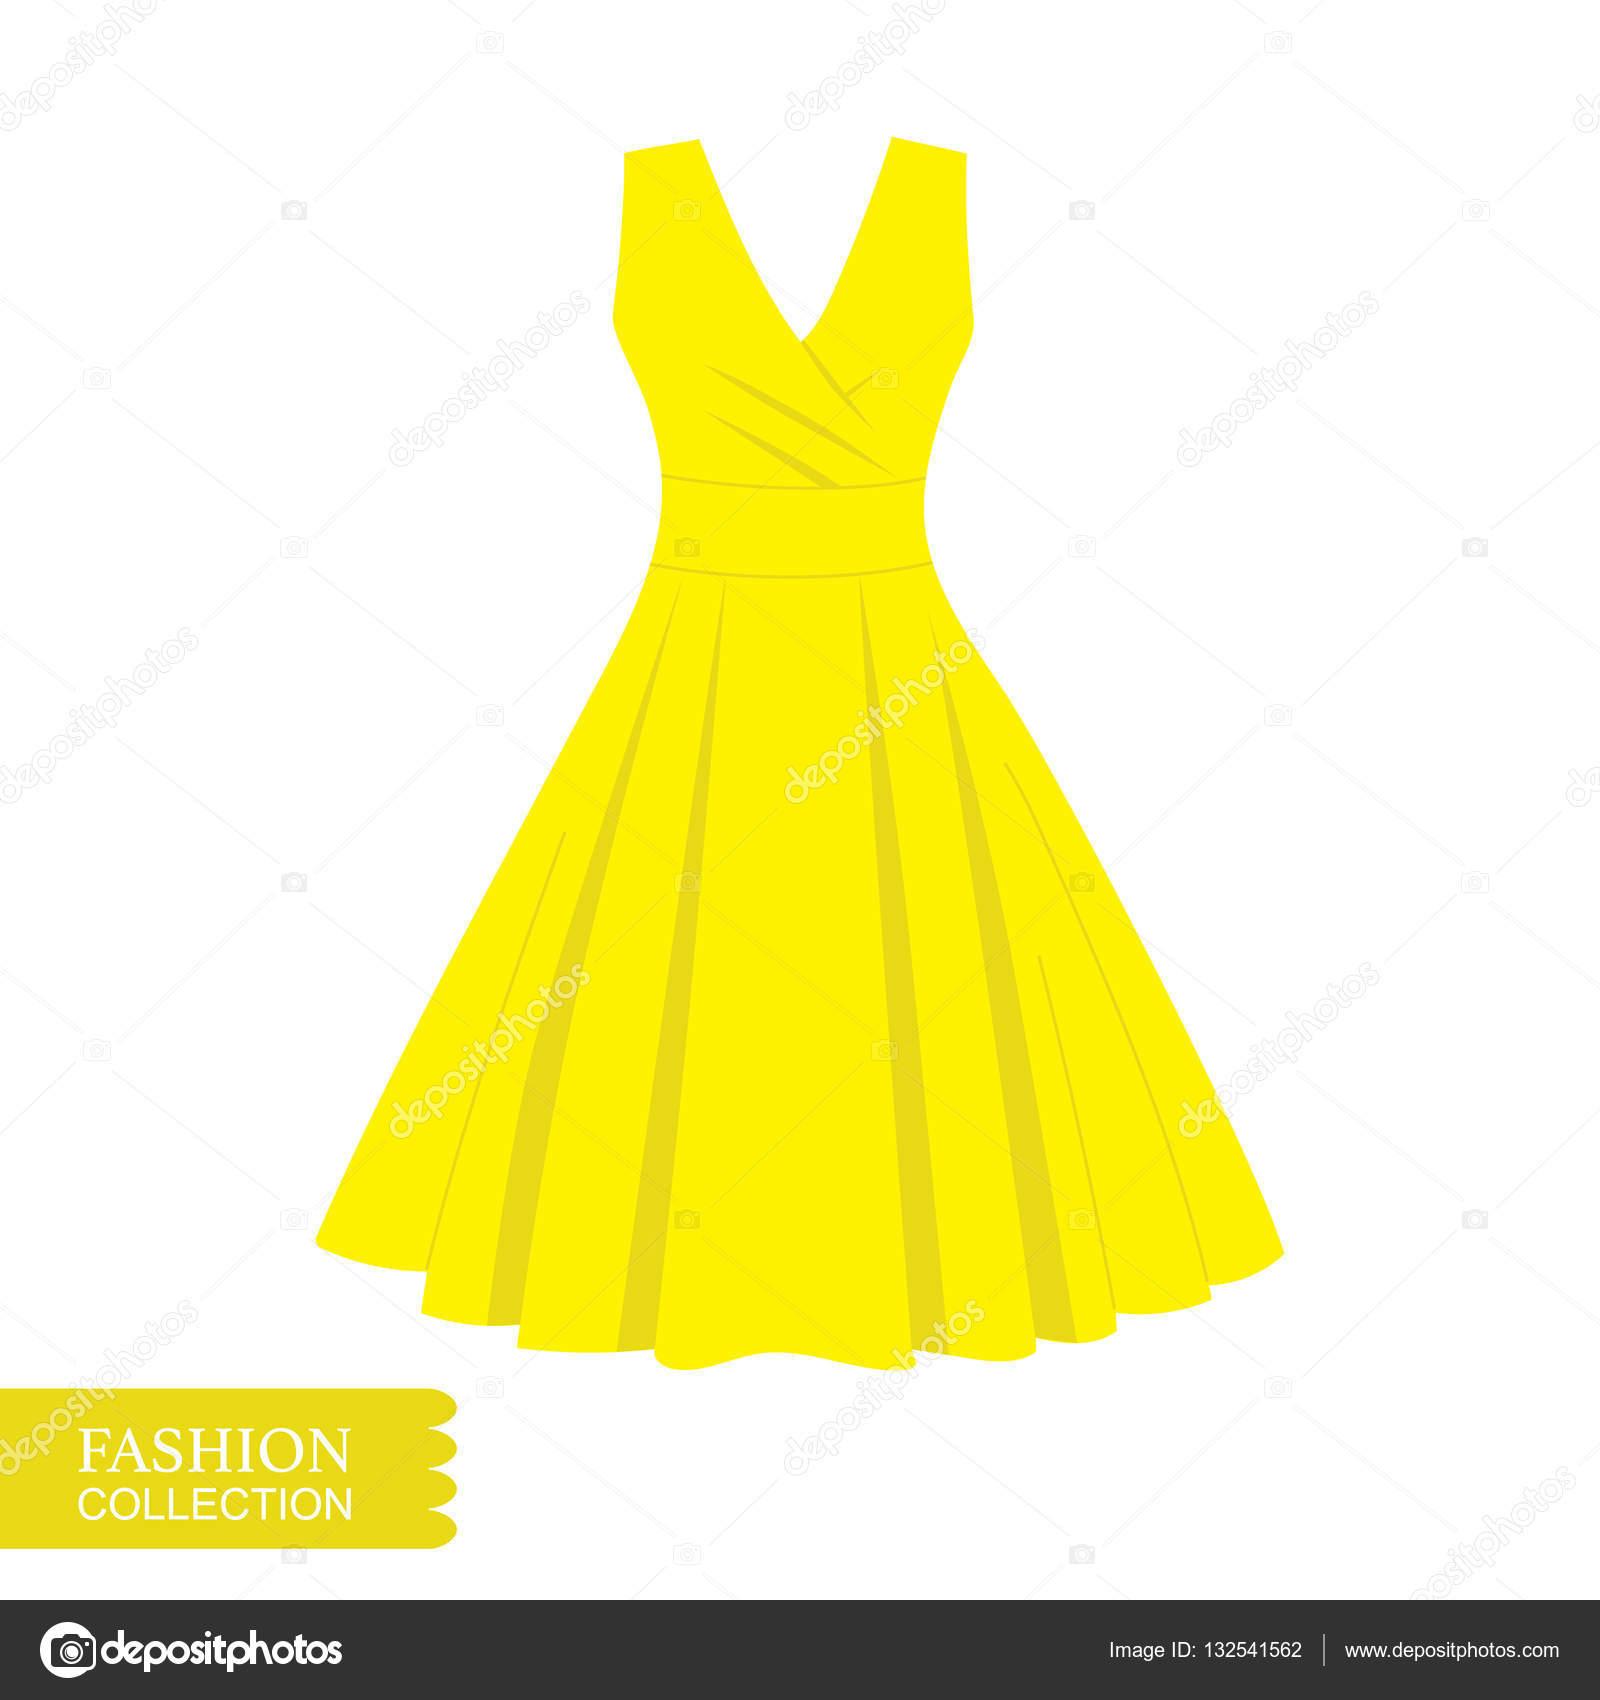 9f43623a4883f çok güzel bir elbise çizimi. — Stok Vektör © barkarola #132541562